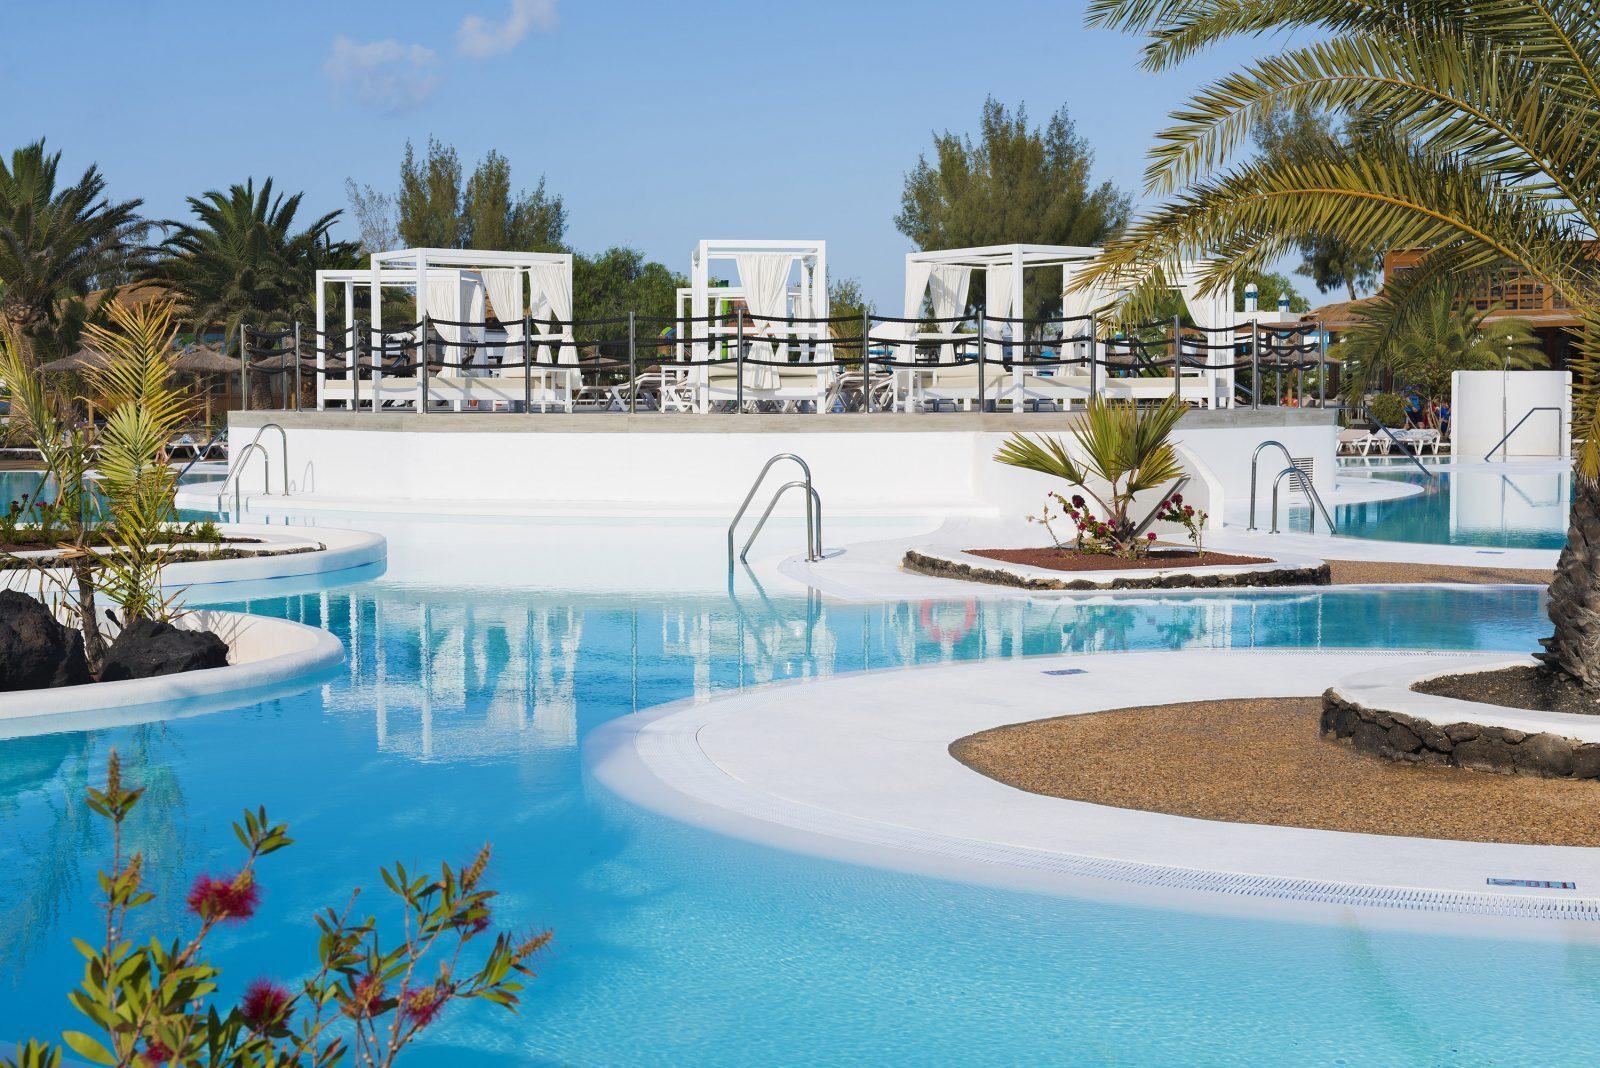 Camas balinesas piscinas